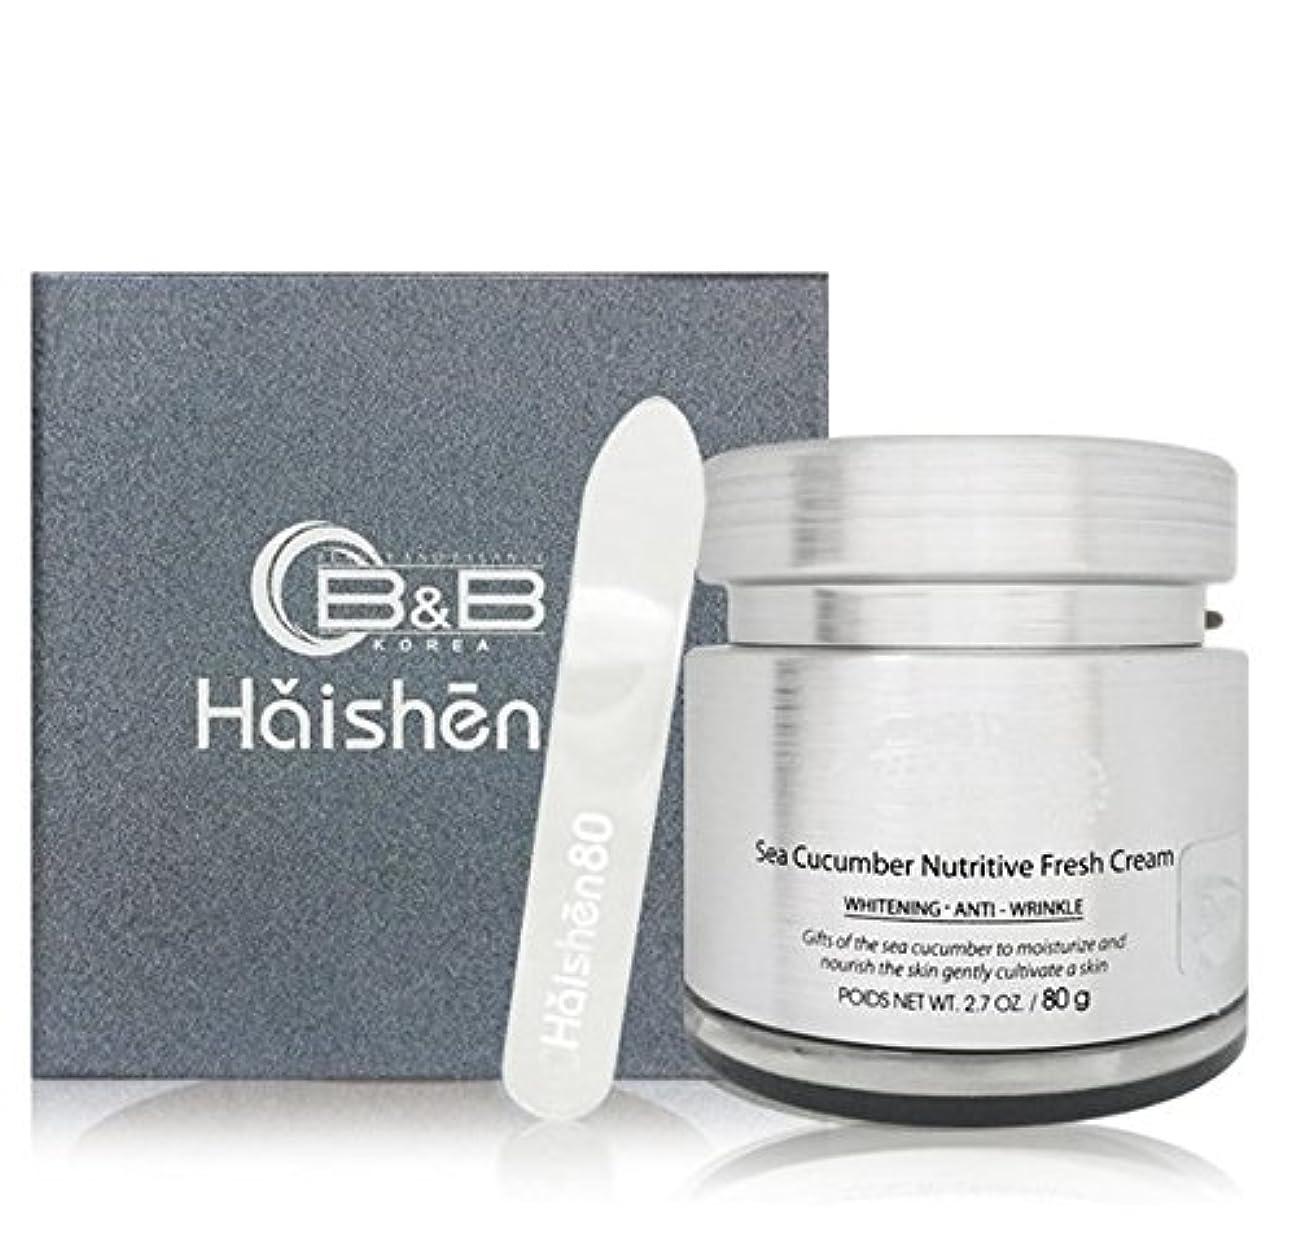 海岸アイザック艶[訳有り?OUTLET]Haishen80 Sea cucumber Nutritious Fresh Cream 80g ハイサン 80 シーキューカンバーニュトゥリチブフレッシュクリーム 80g